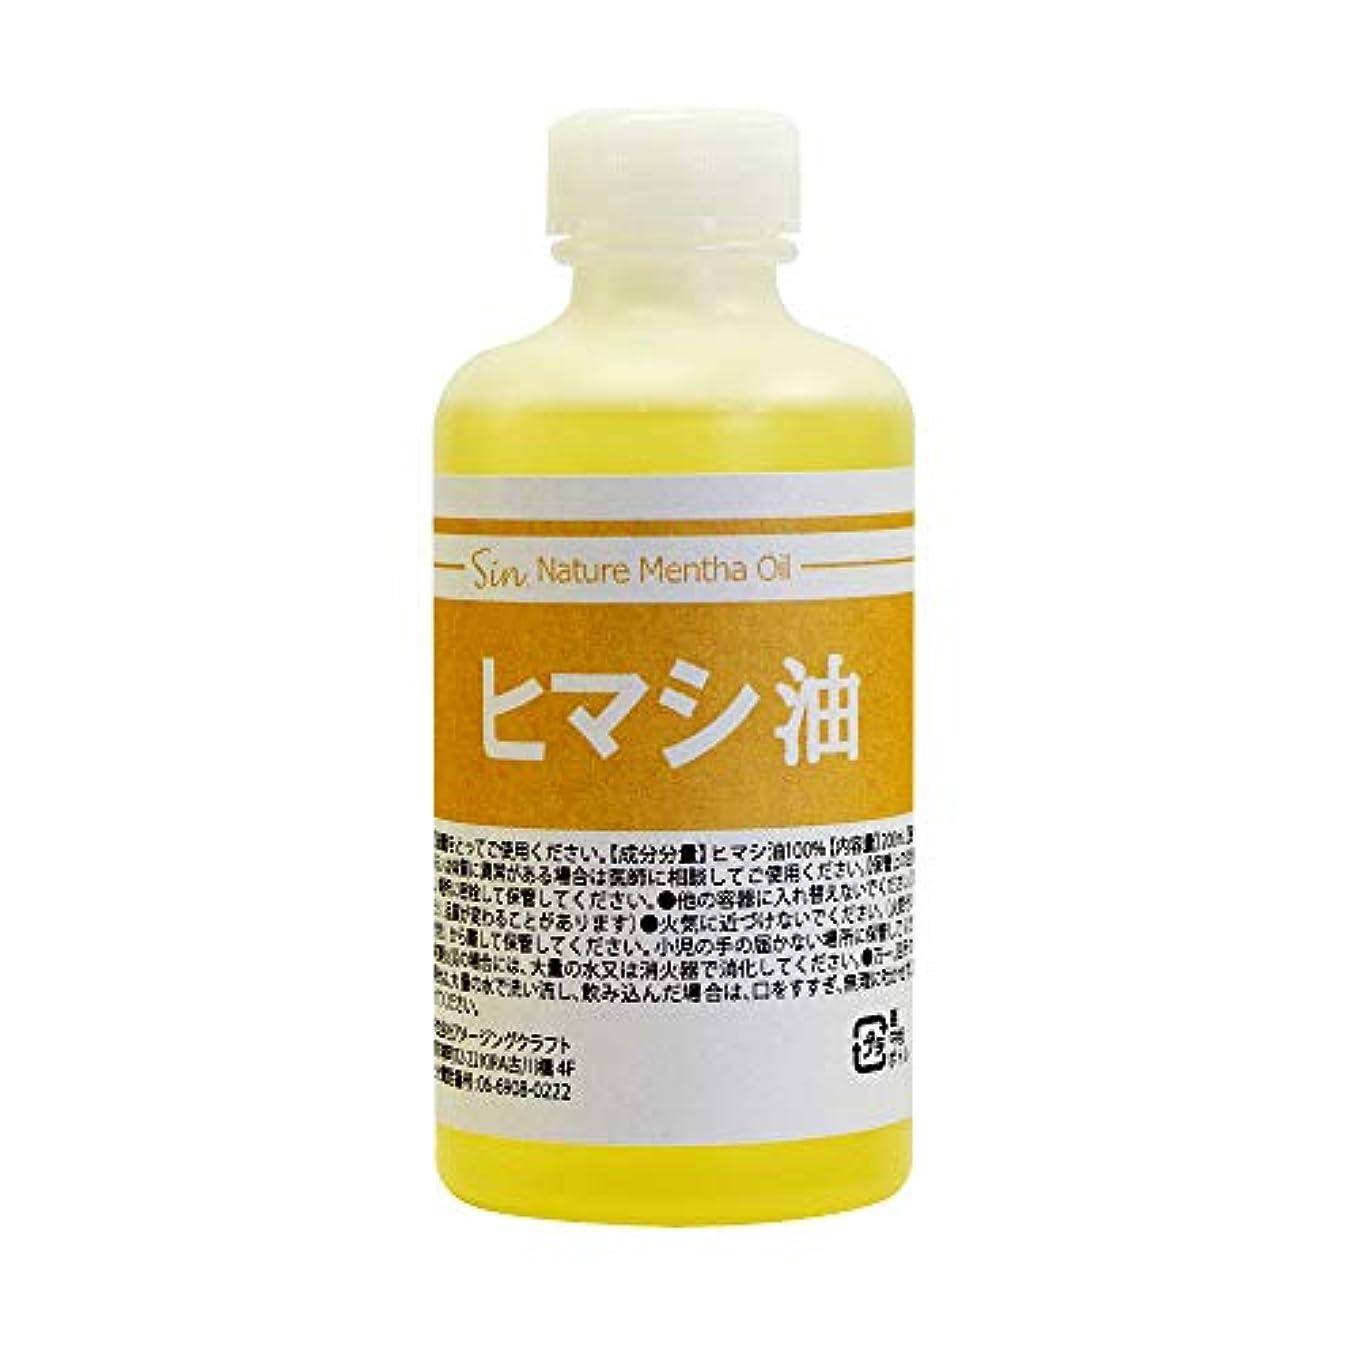 アクション浅い知覚する天然無添加 国内精製ひまし油 (キャスターオイル) 200ml